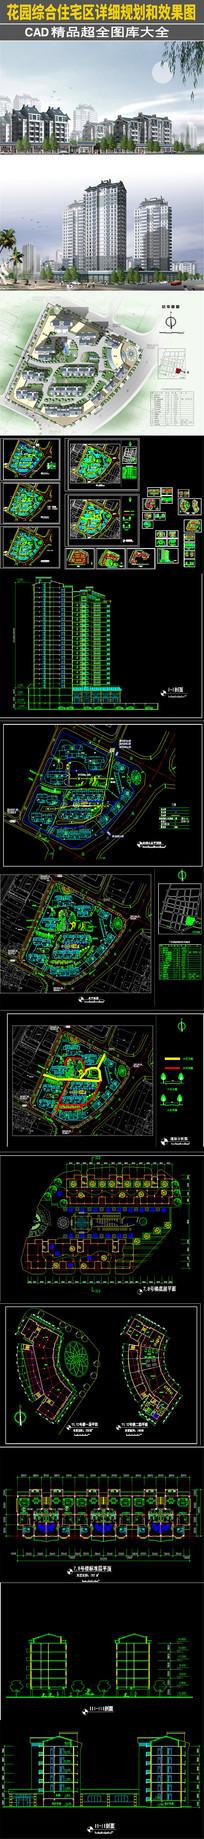 花园综合住宅区详细规划